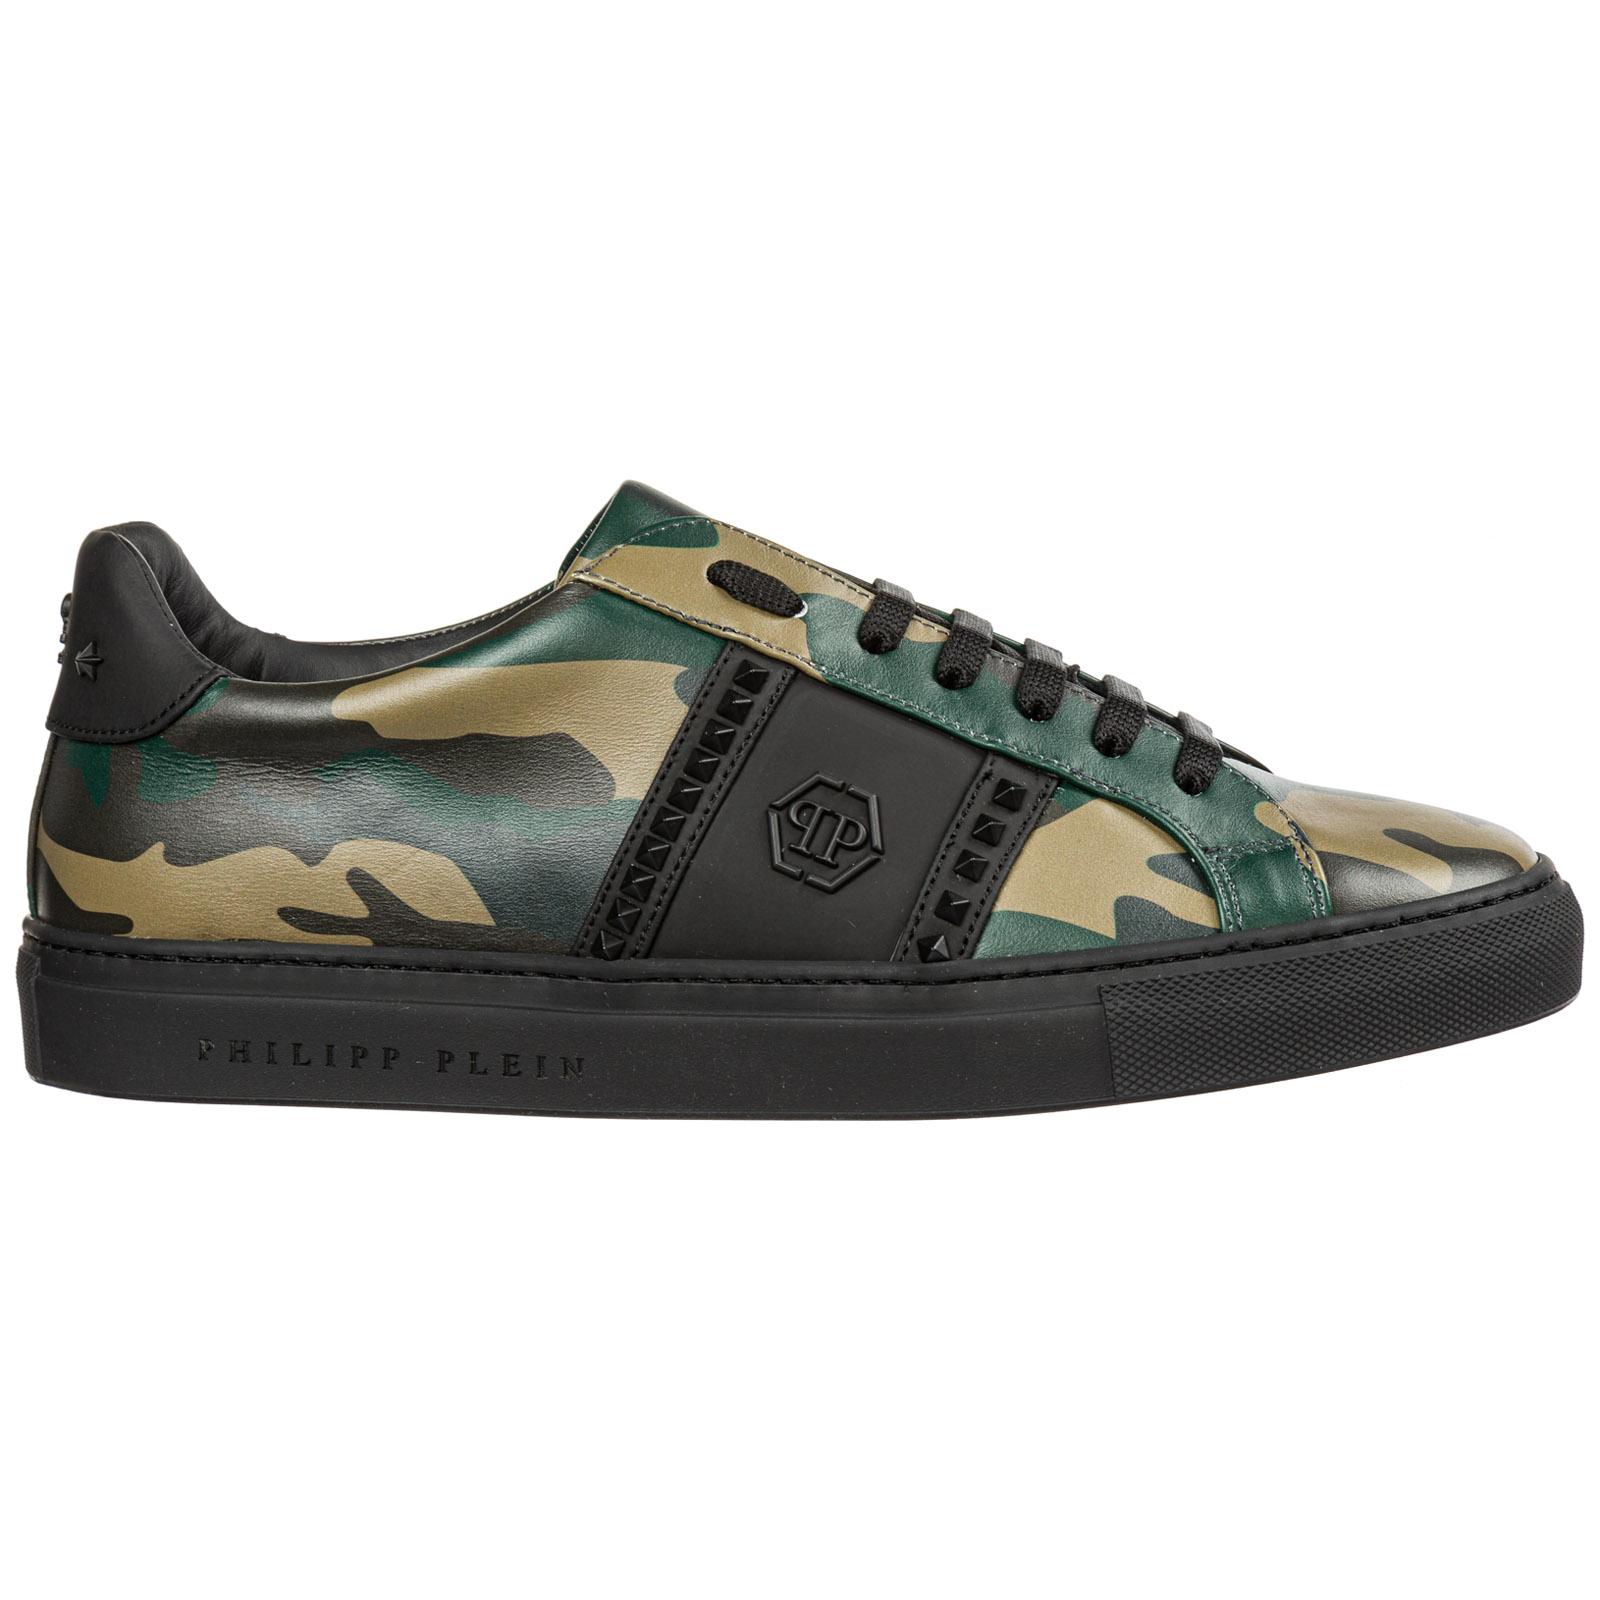 super qualità offrire sconti qualità incredibile Scarpe sneakers uomo in pelle